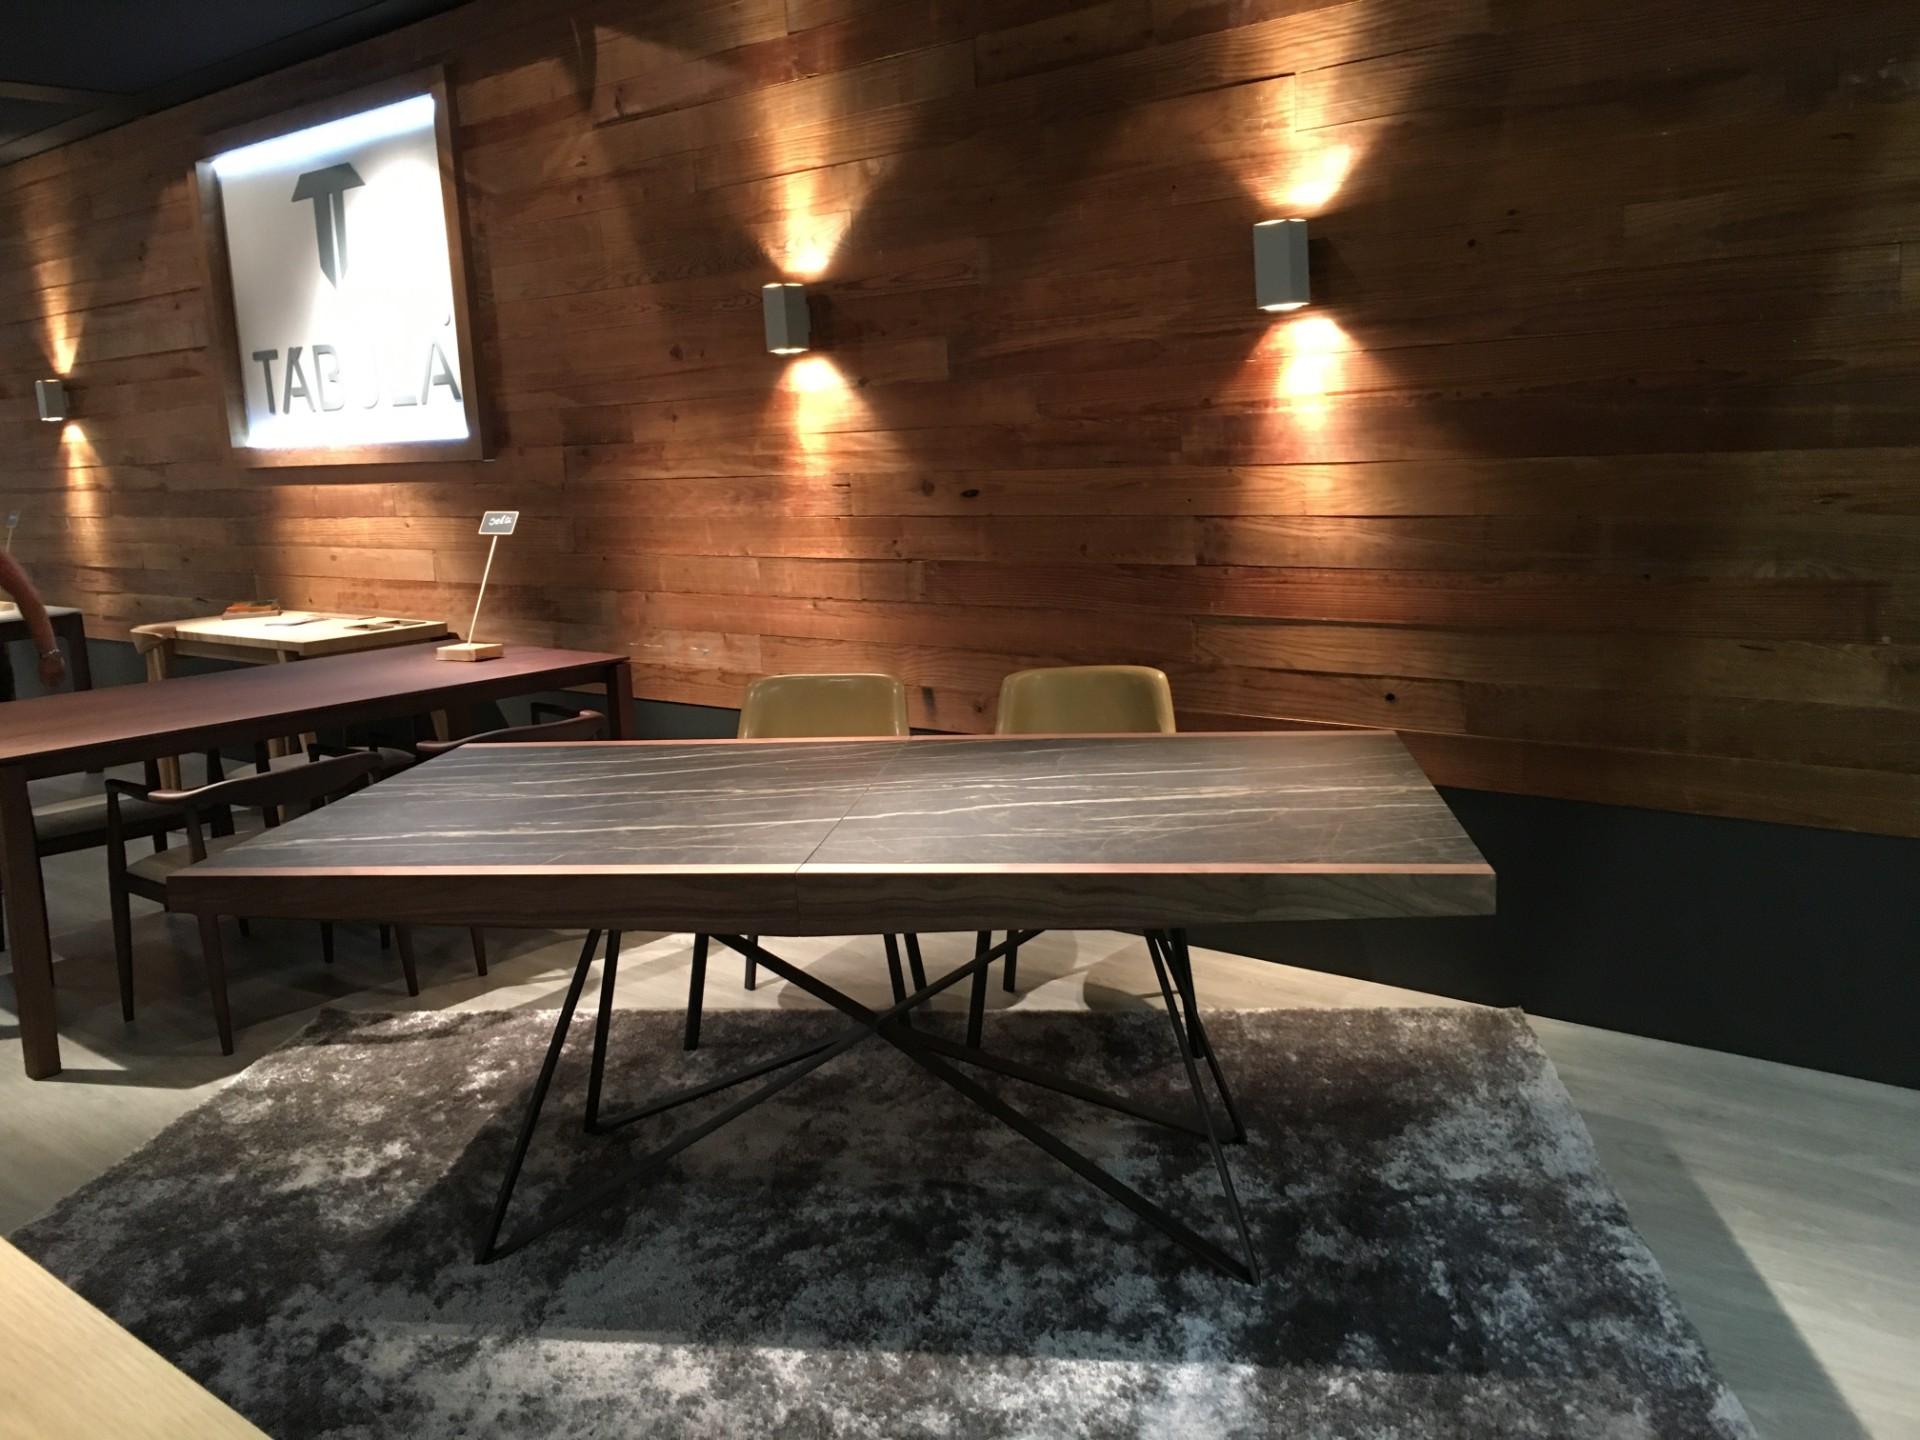 feria-habitat-valencia-2018-interiorismo-interiores-mobiliario-muebles-1